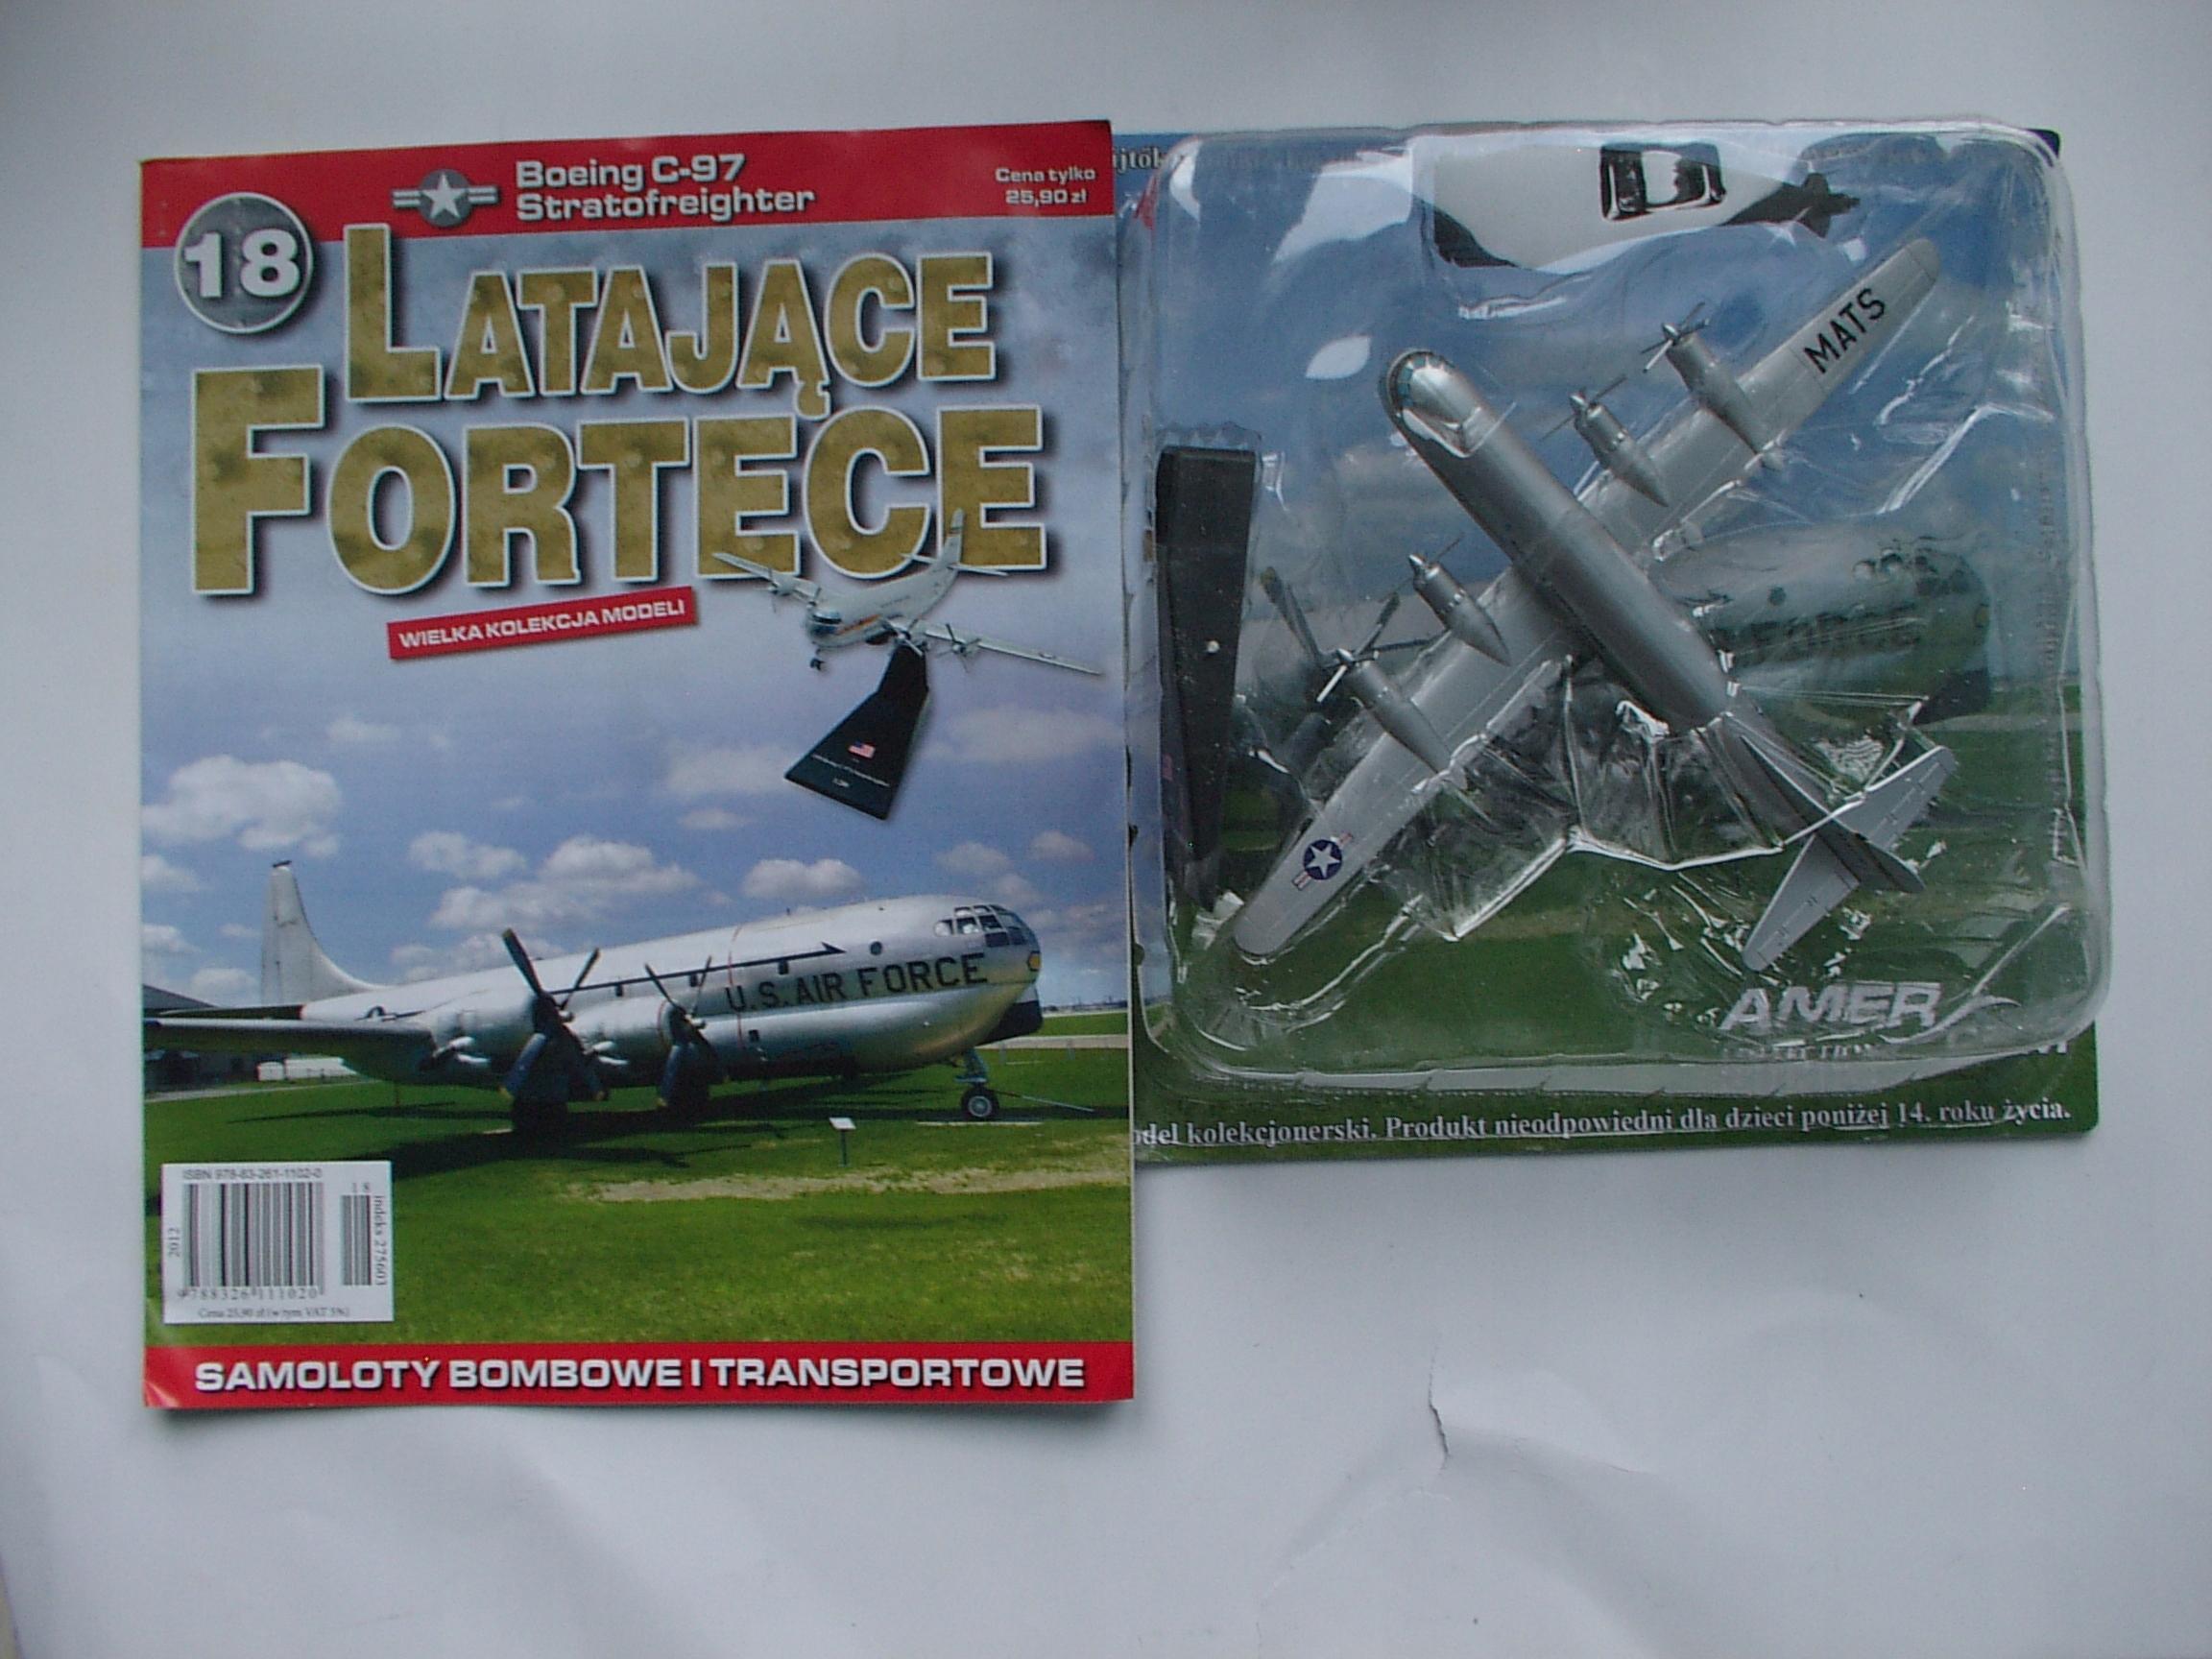 Boeing C-97 Stratofreighter (1:200) Latające Forte